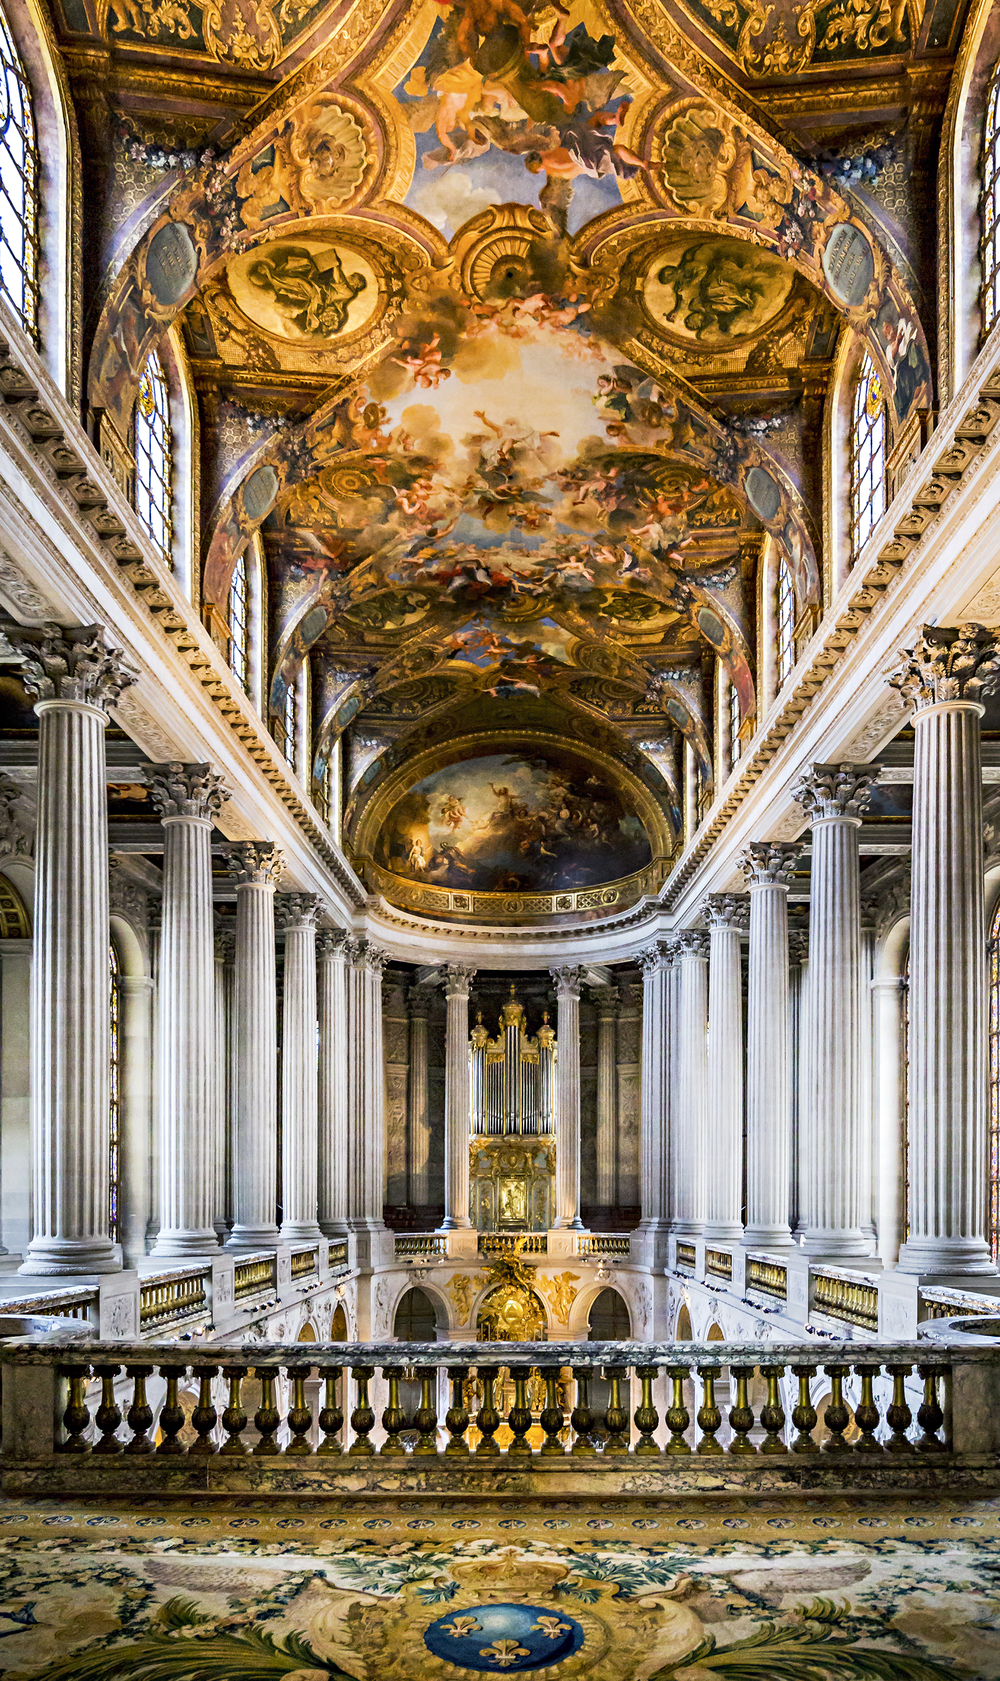 fotografia-de-arquitetura-interiores-36.jpg